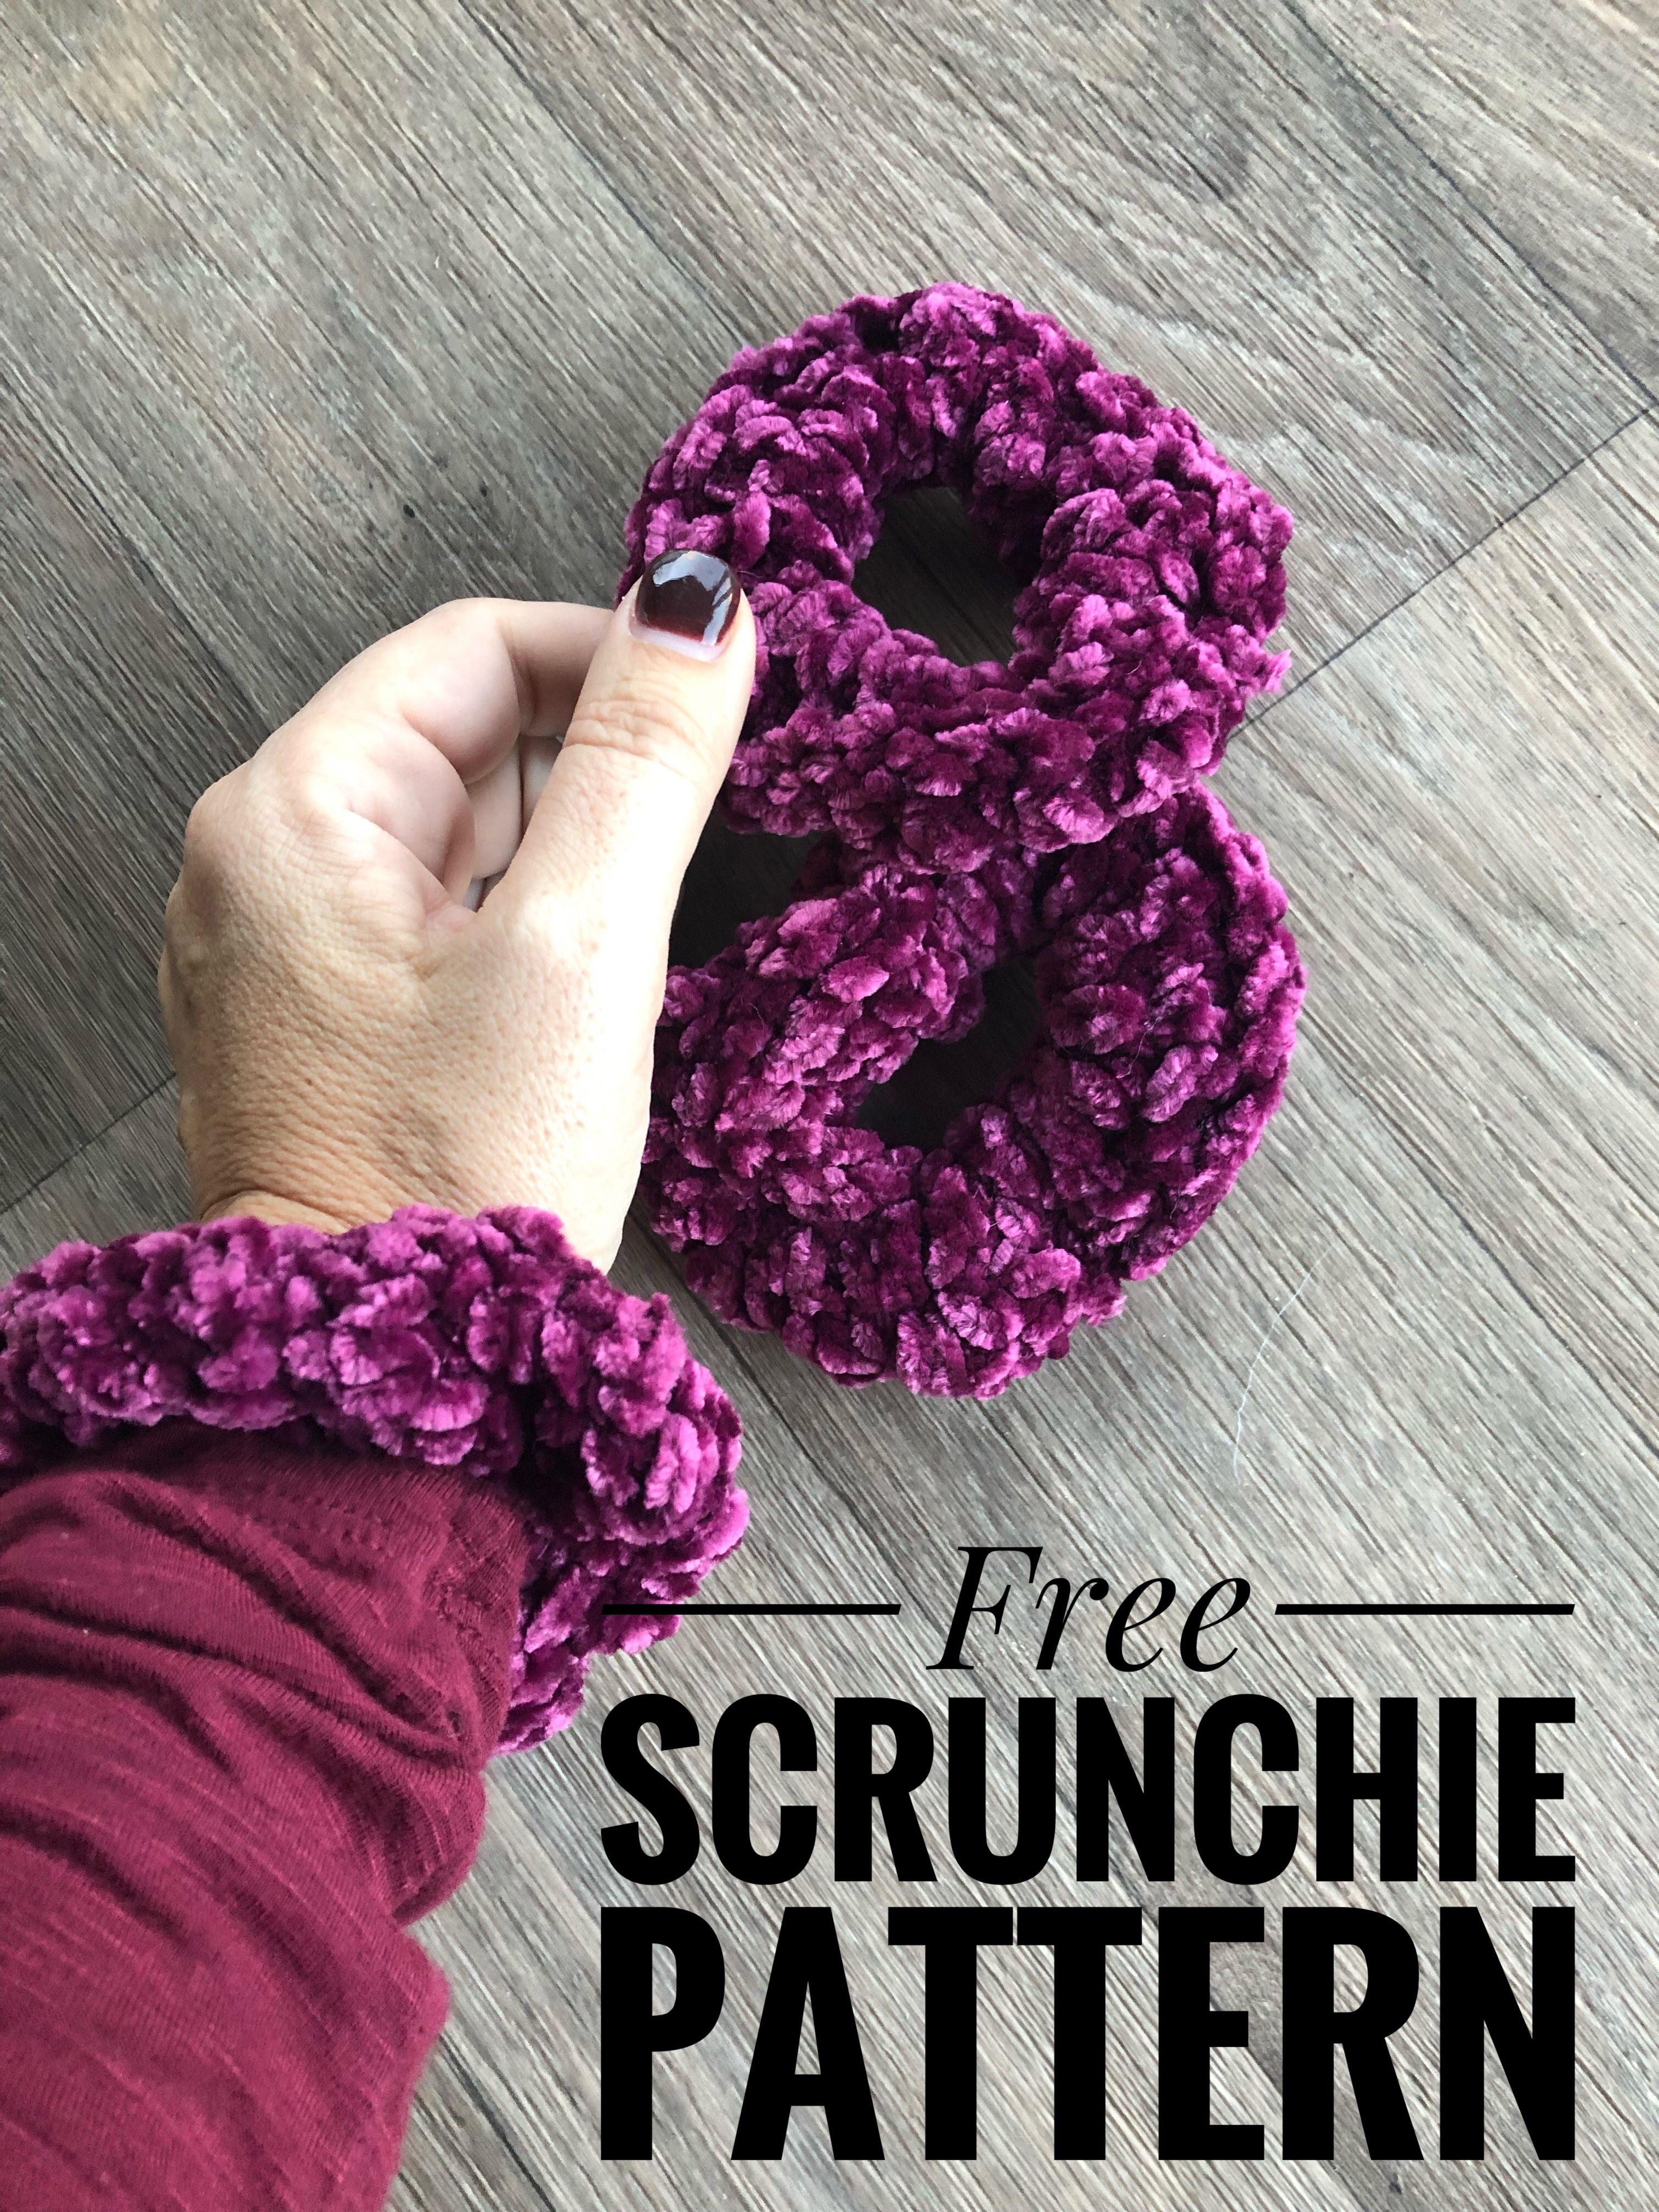 Free scrunchie crochet pattern